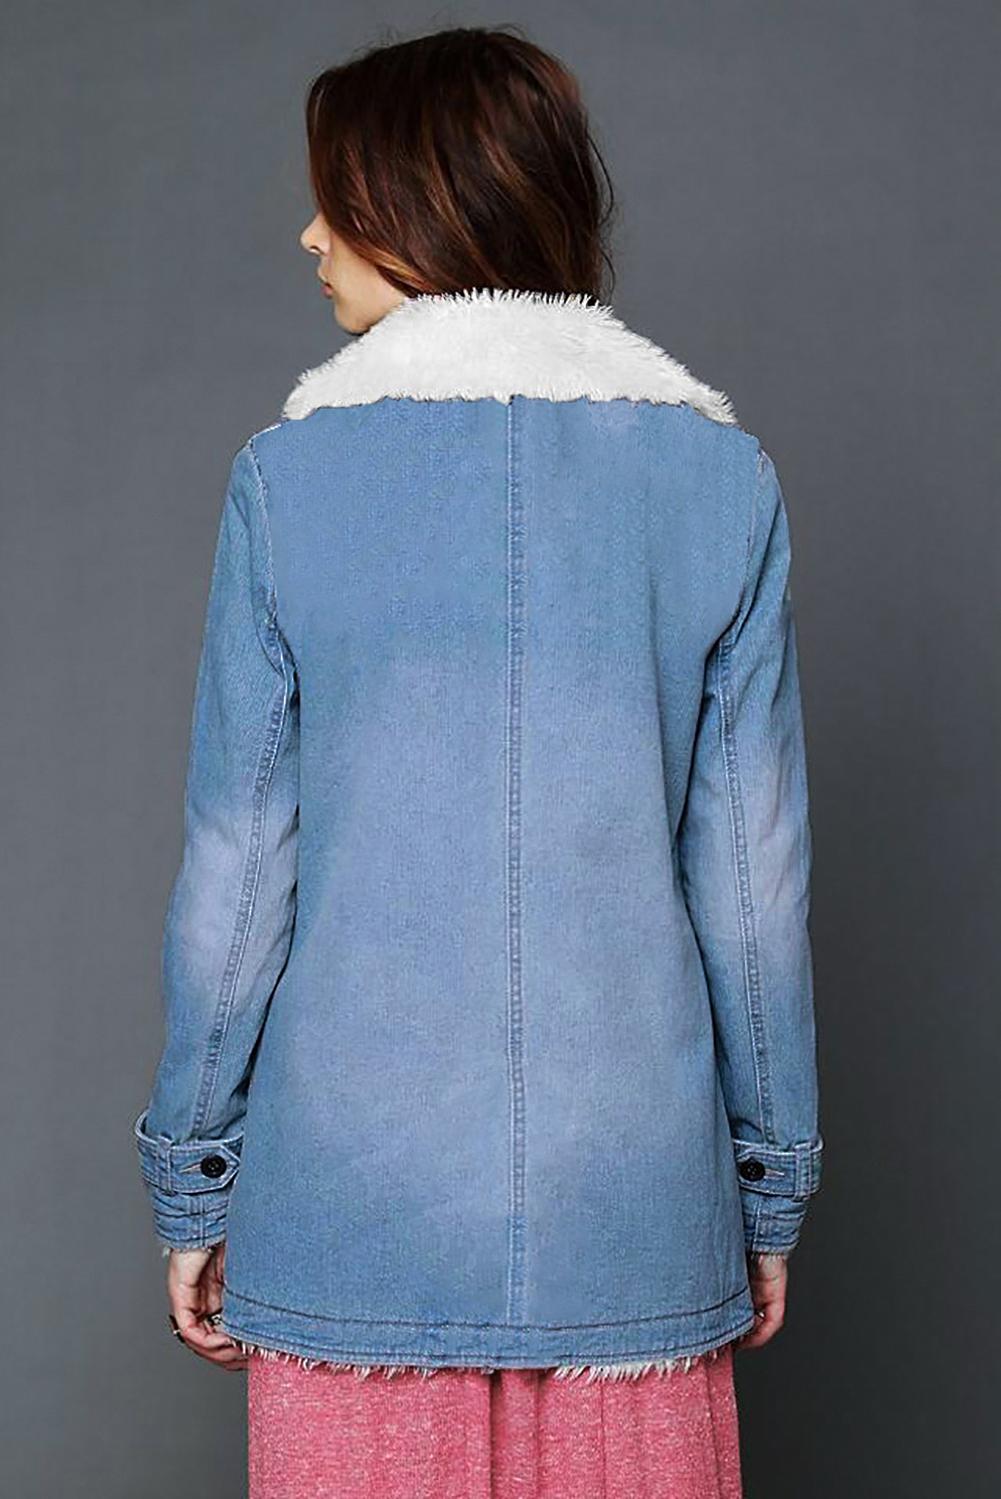 天蓝色休闲排扣翻领毛绒加厚保暖外套 LC851780